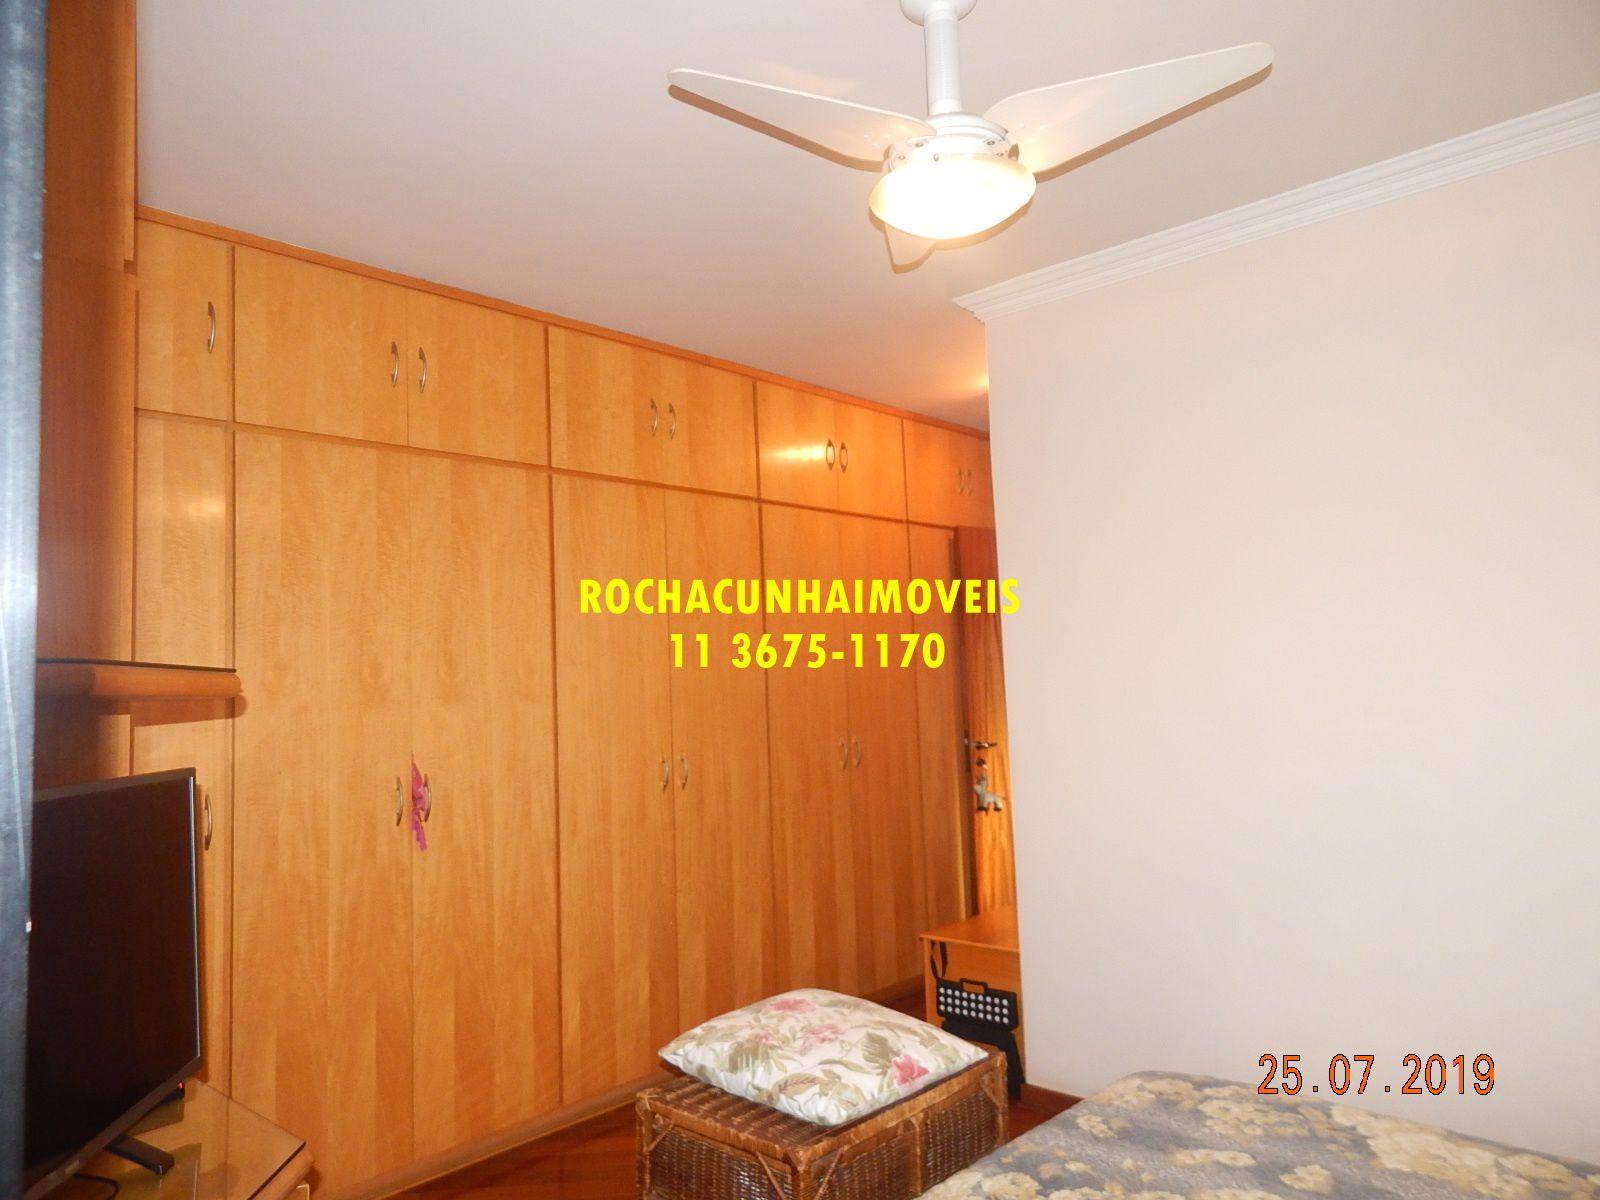 Apartamento Perdizes, São Paulo, SP Para Alugar, 4 Quartos, 173m² - LOCACAO0011 - 30